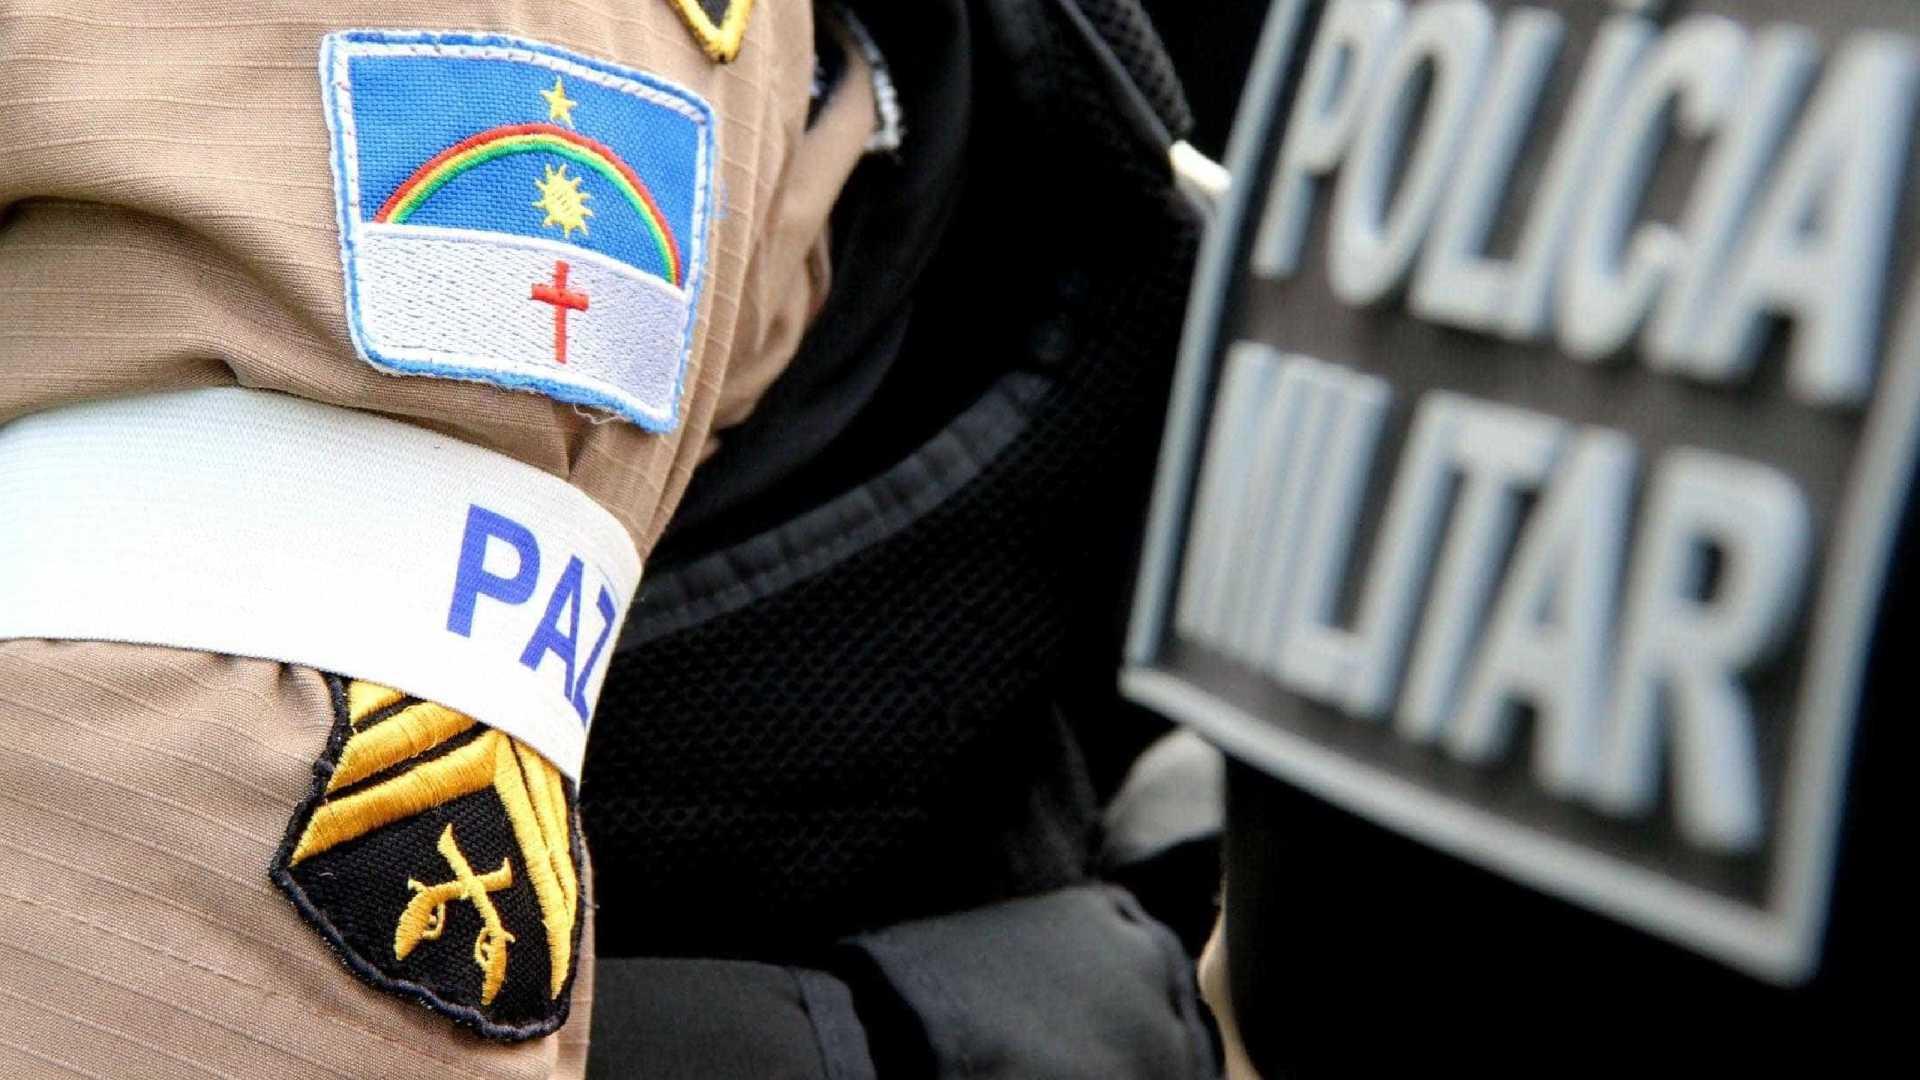 naom 58a8315a81407 - Primo do ex-presidente Lula é morto a tiros, diz PM